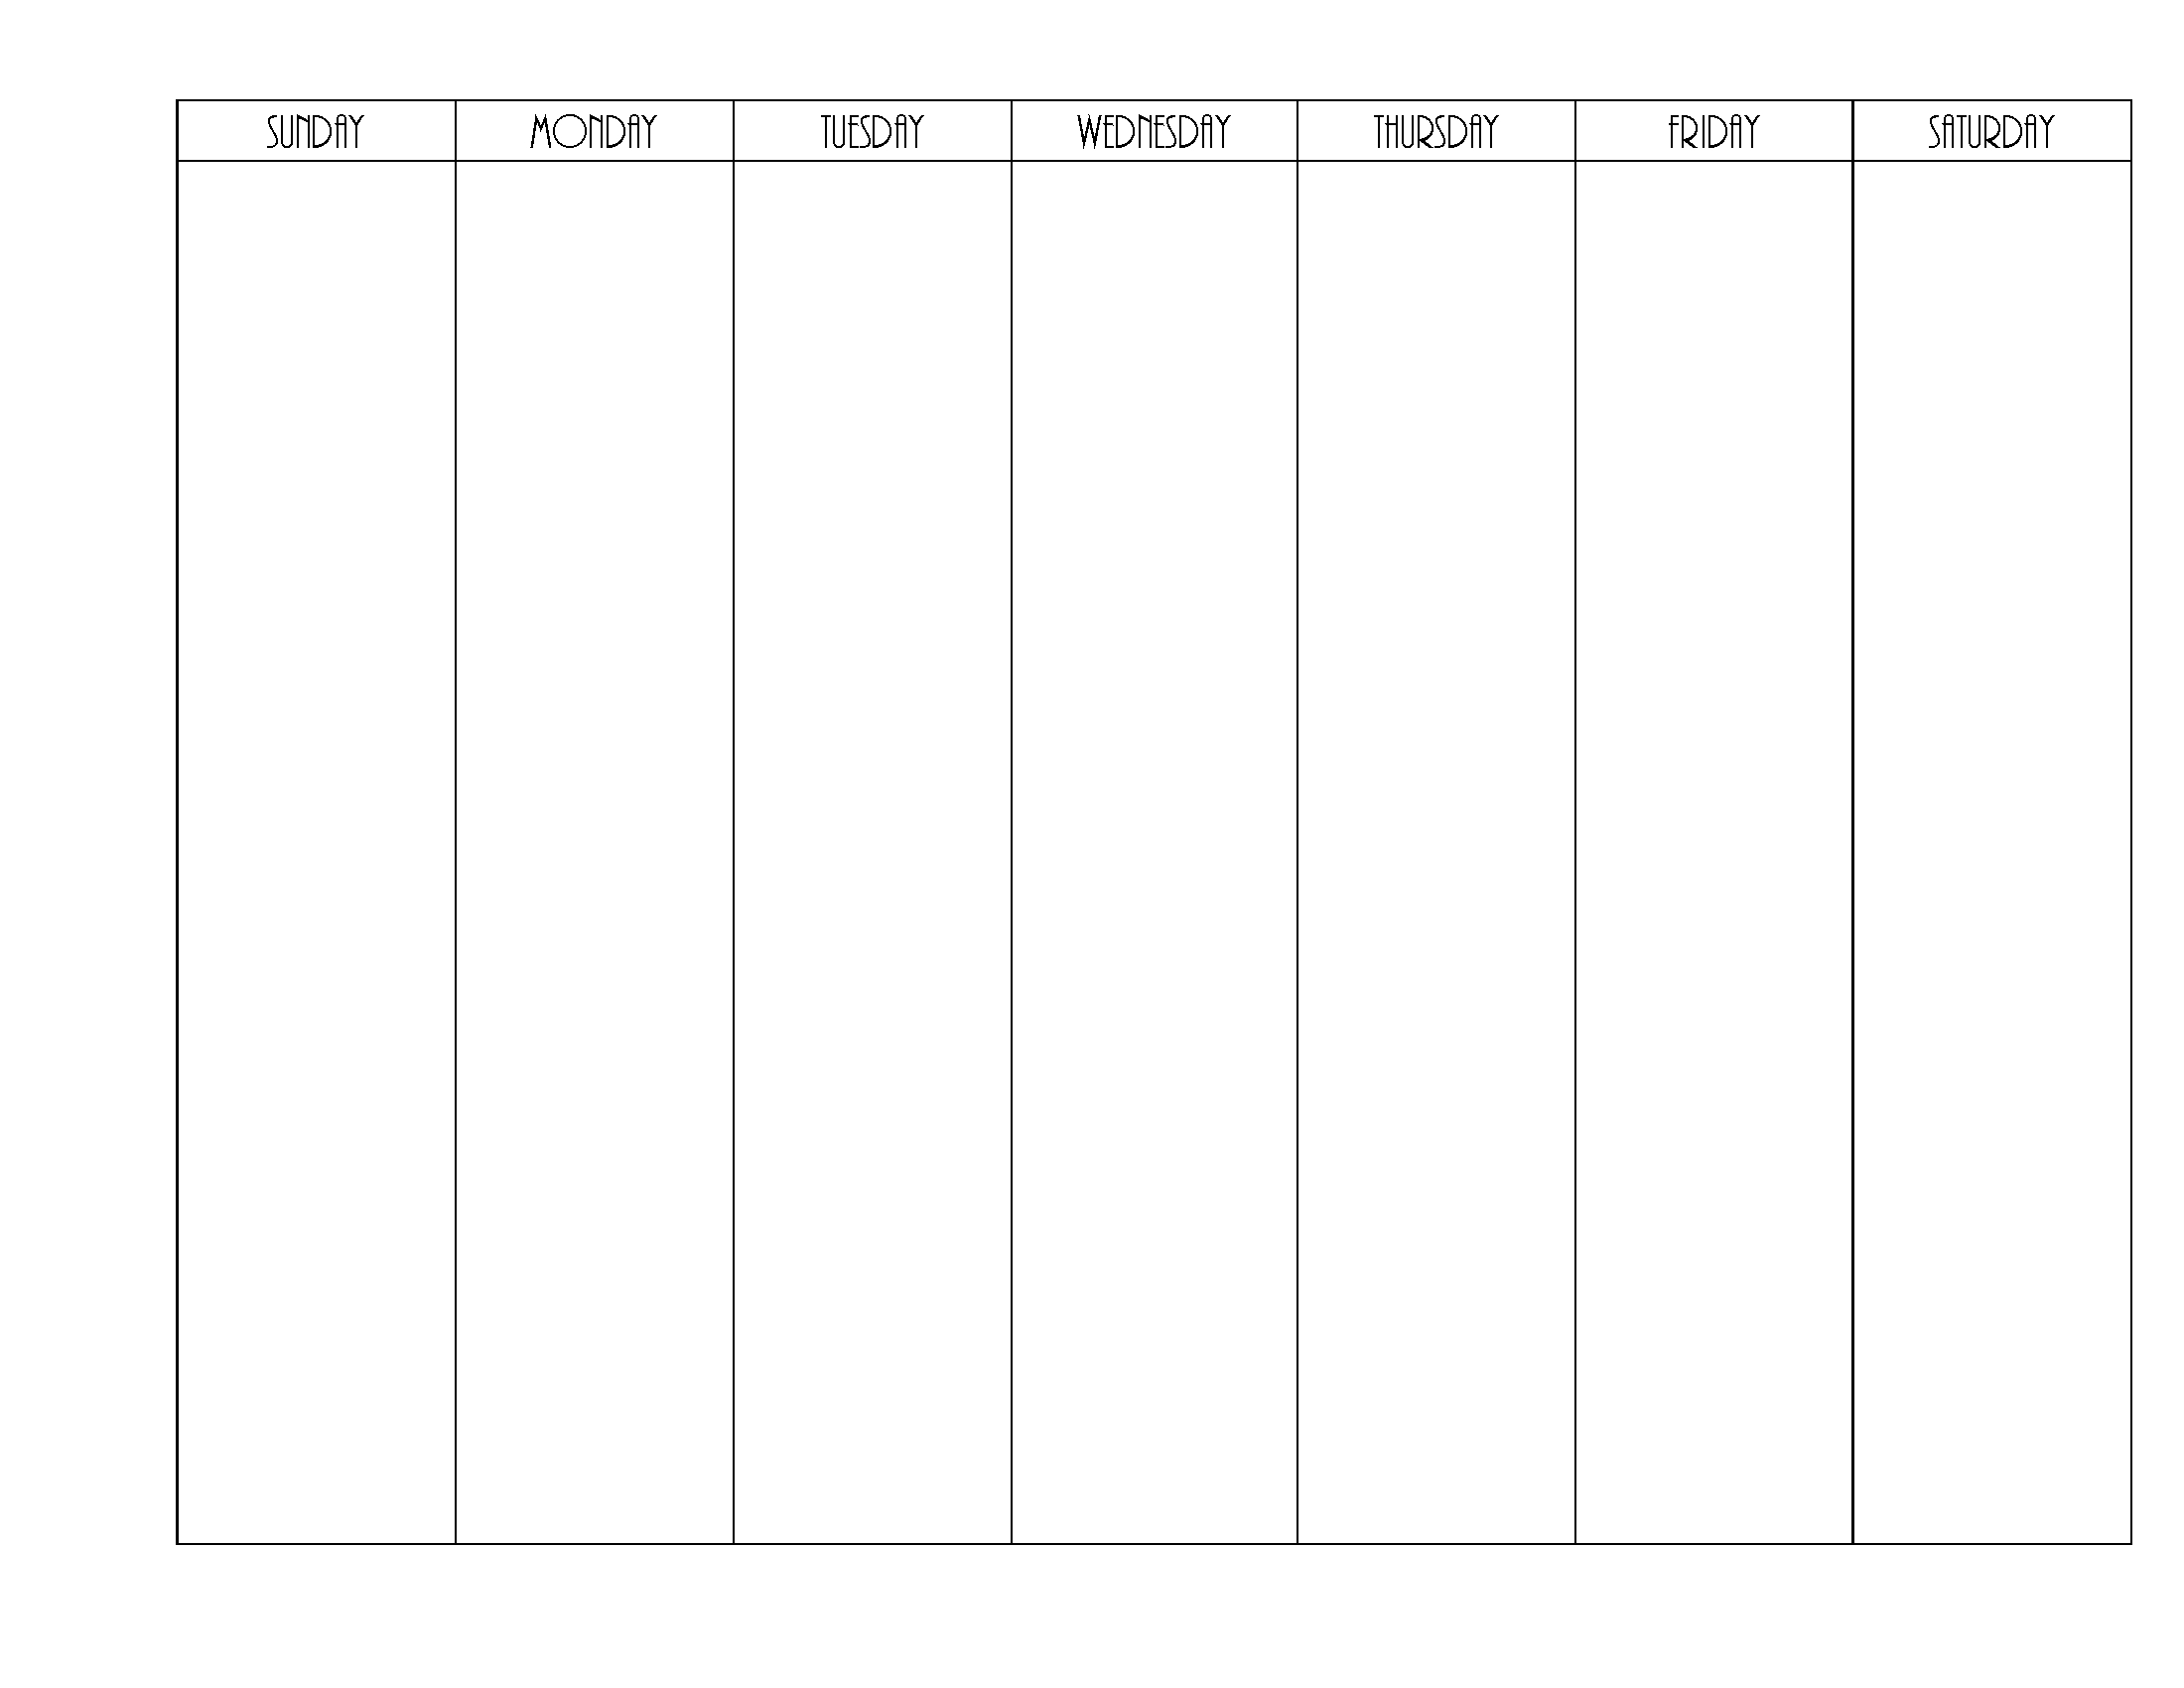 Weekly Planner Calendar Template One Week